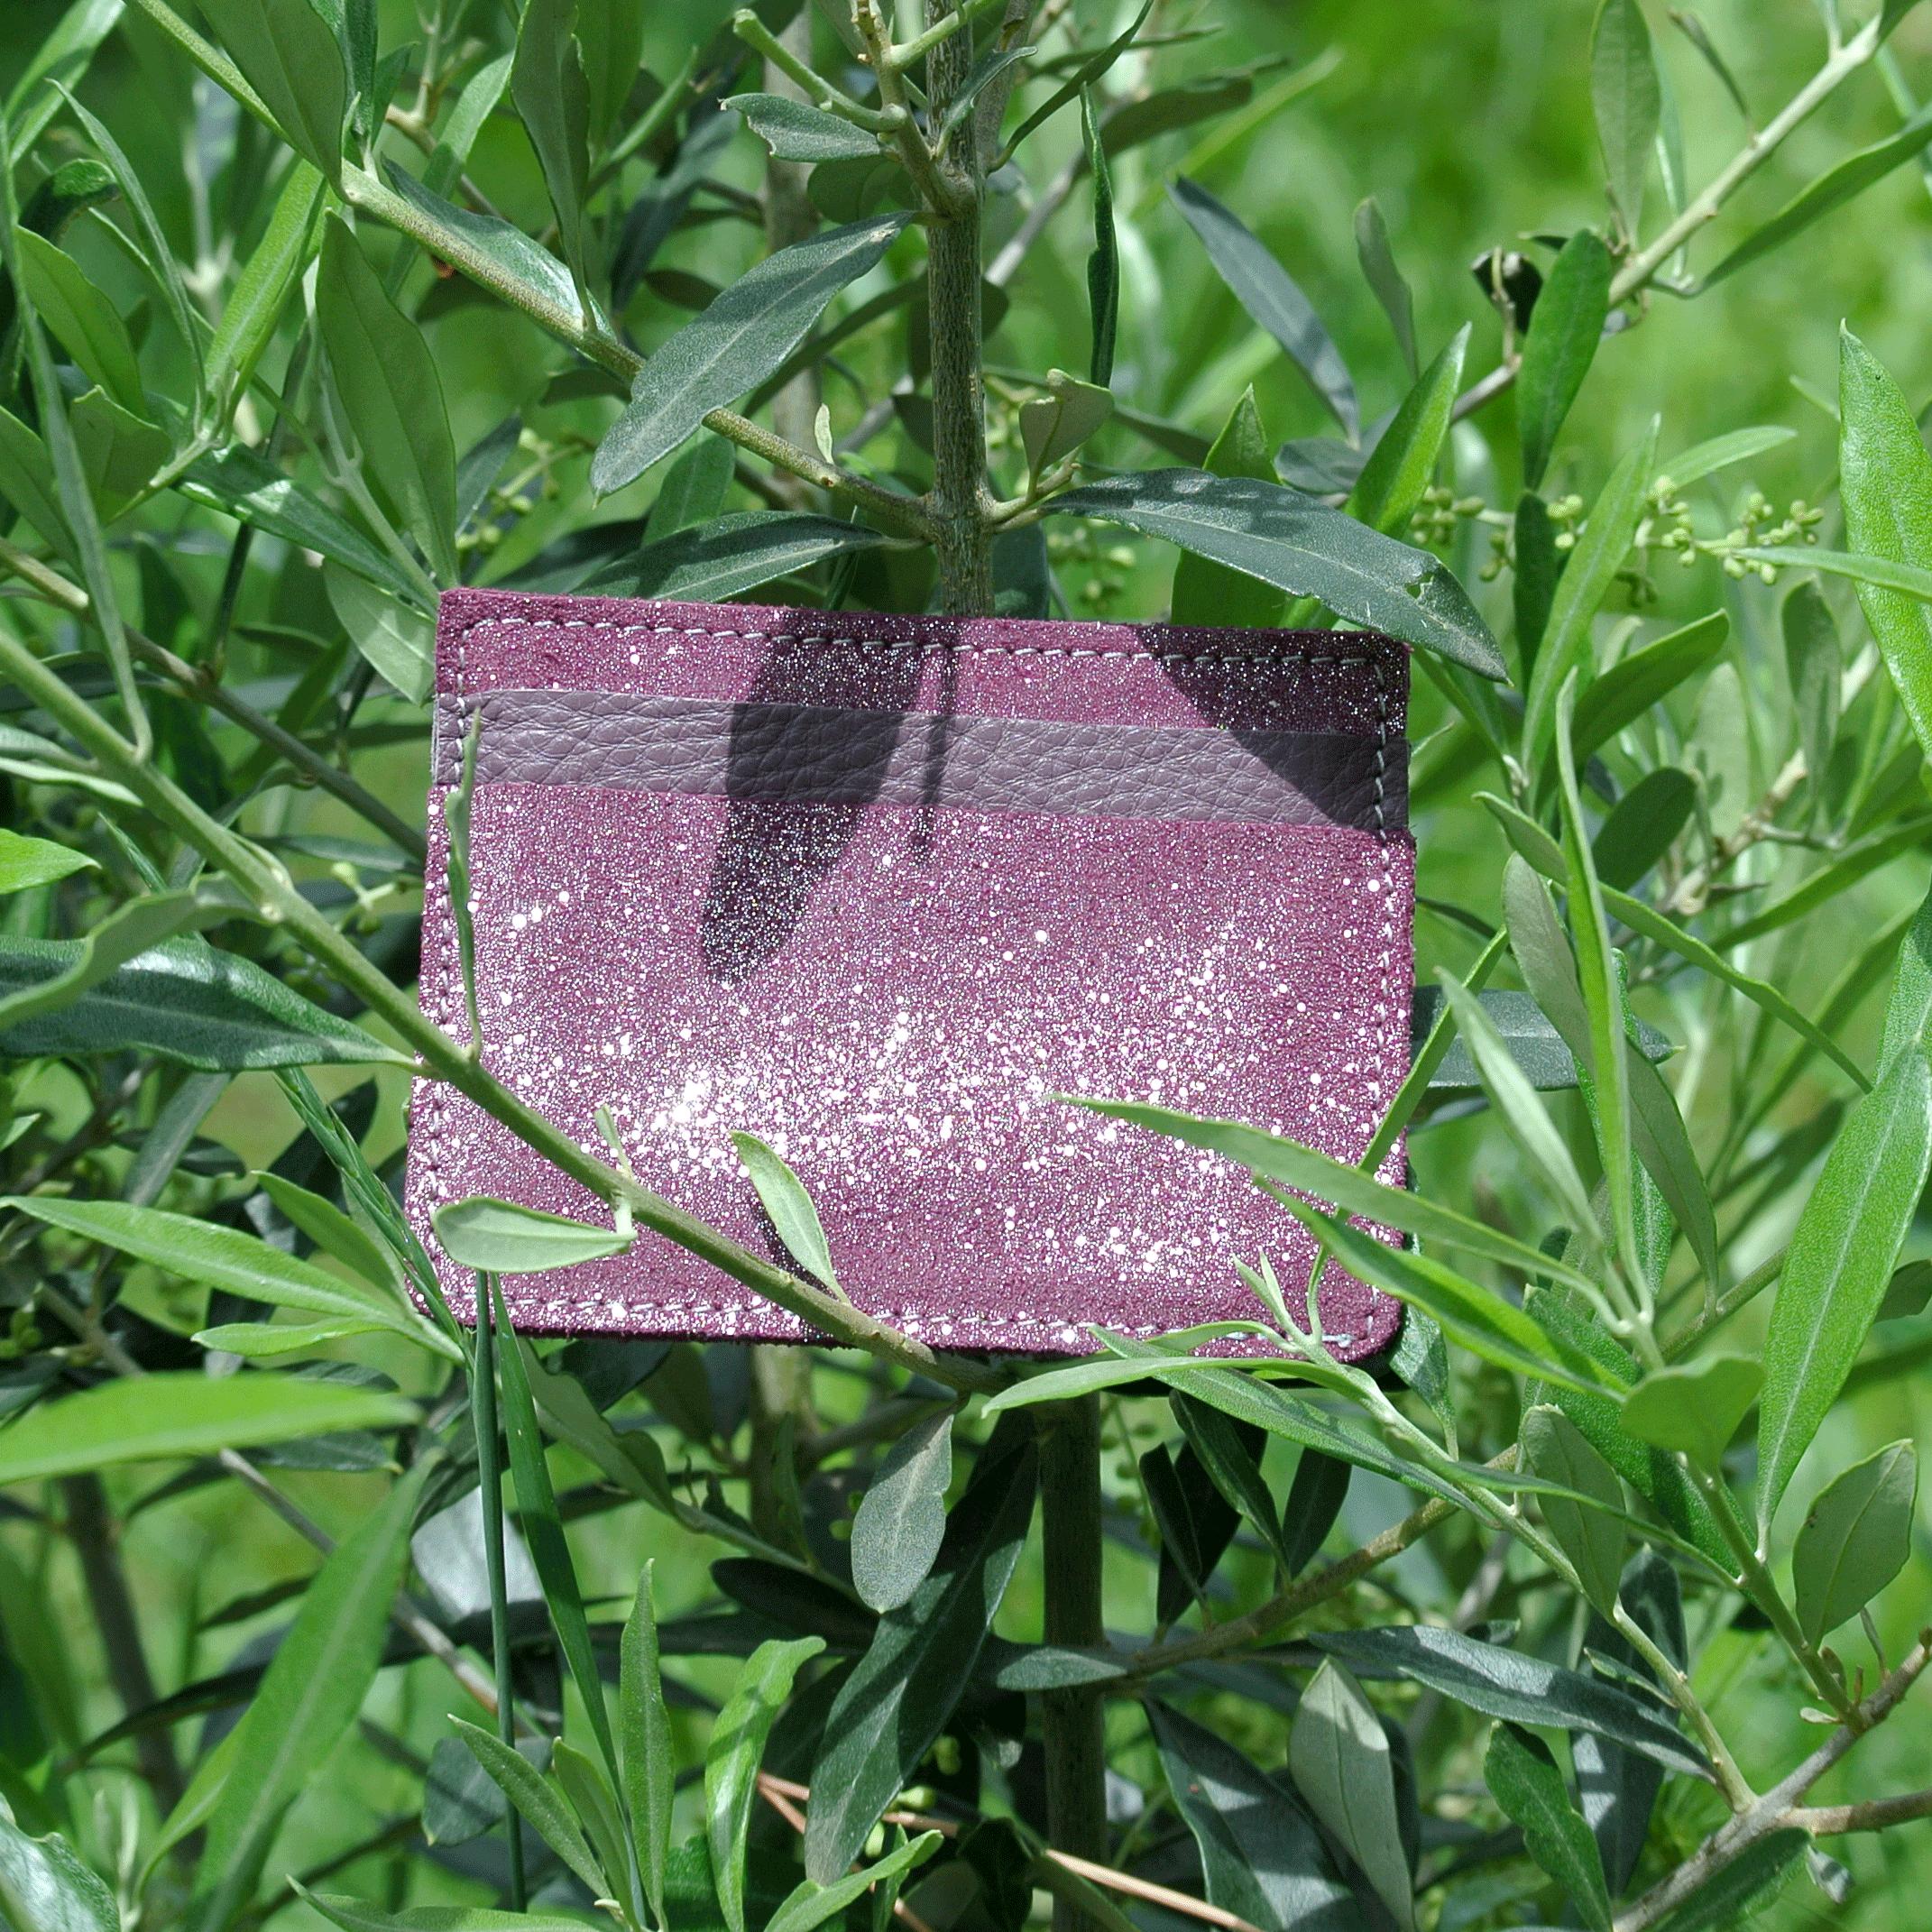 cuirs-pailletés-cuirs-fantaisies-fabriqué-en-france-la-cartabliere-etui-carte-triple-cuir-paillete-violet-eveque